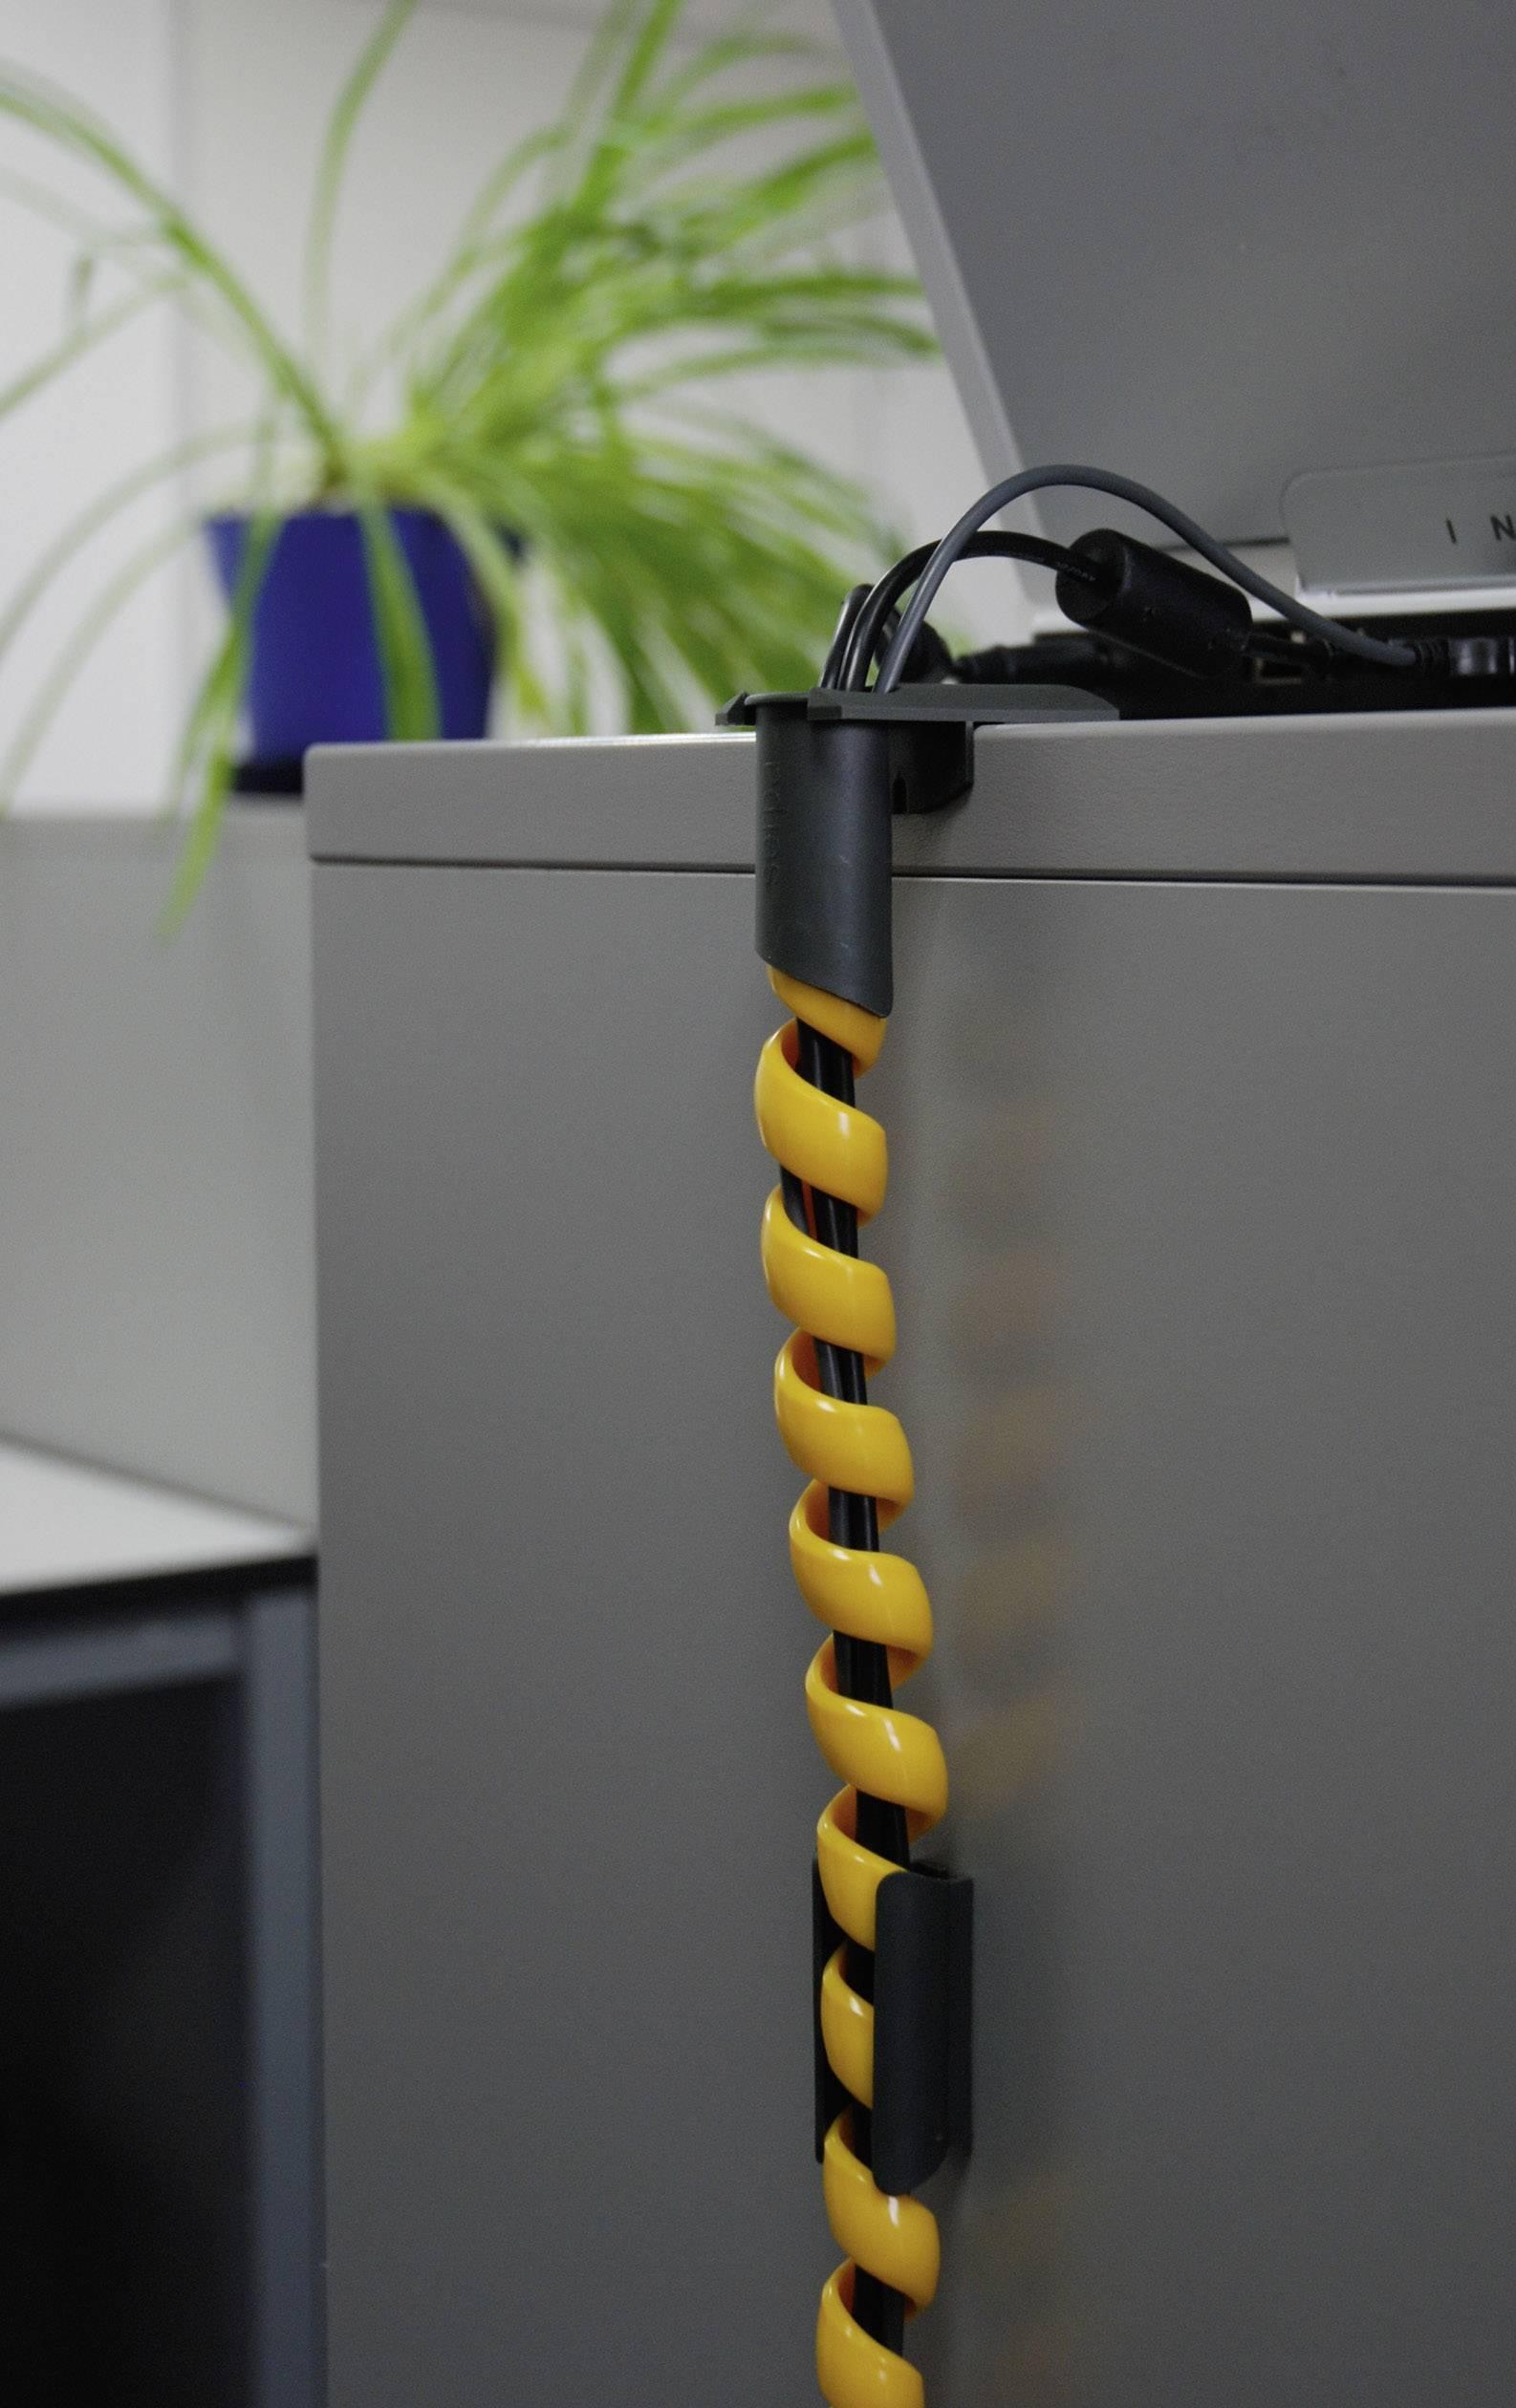 Špirálový káblový oplet Serpa 5.04595.1028, 15 mm (max), 1 ks, žltá